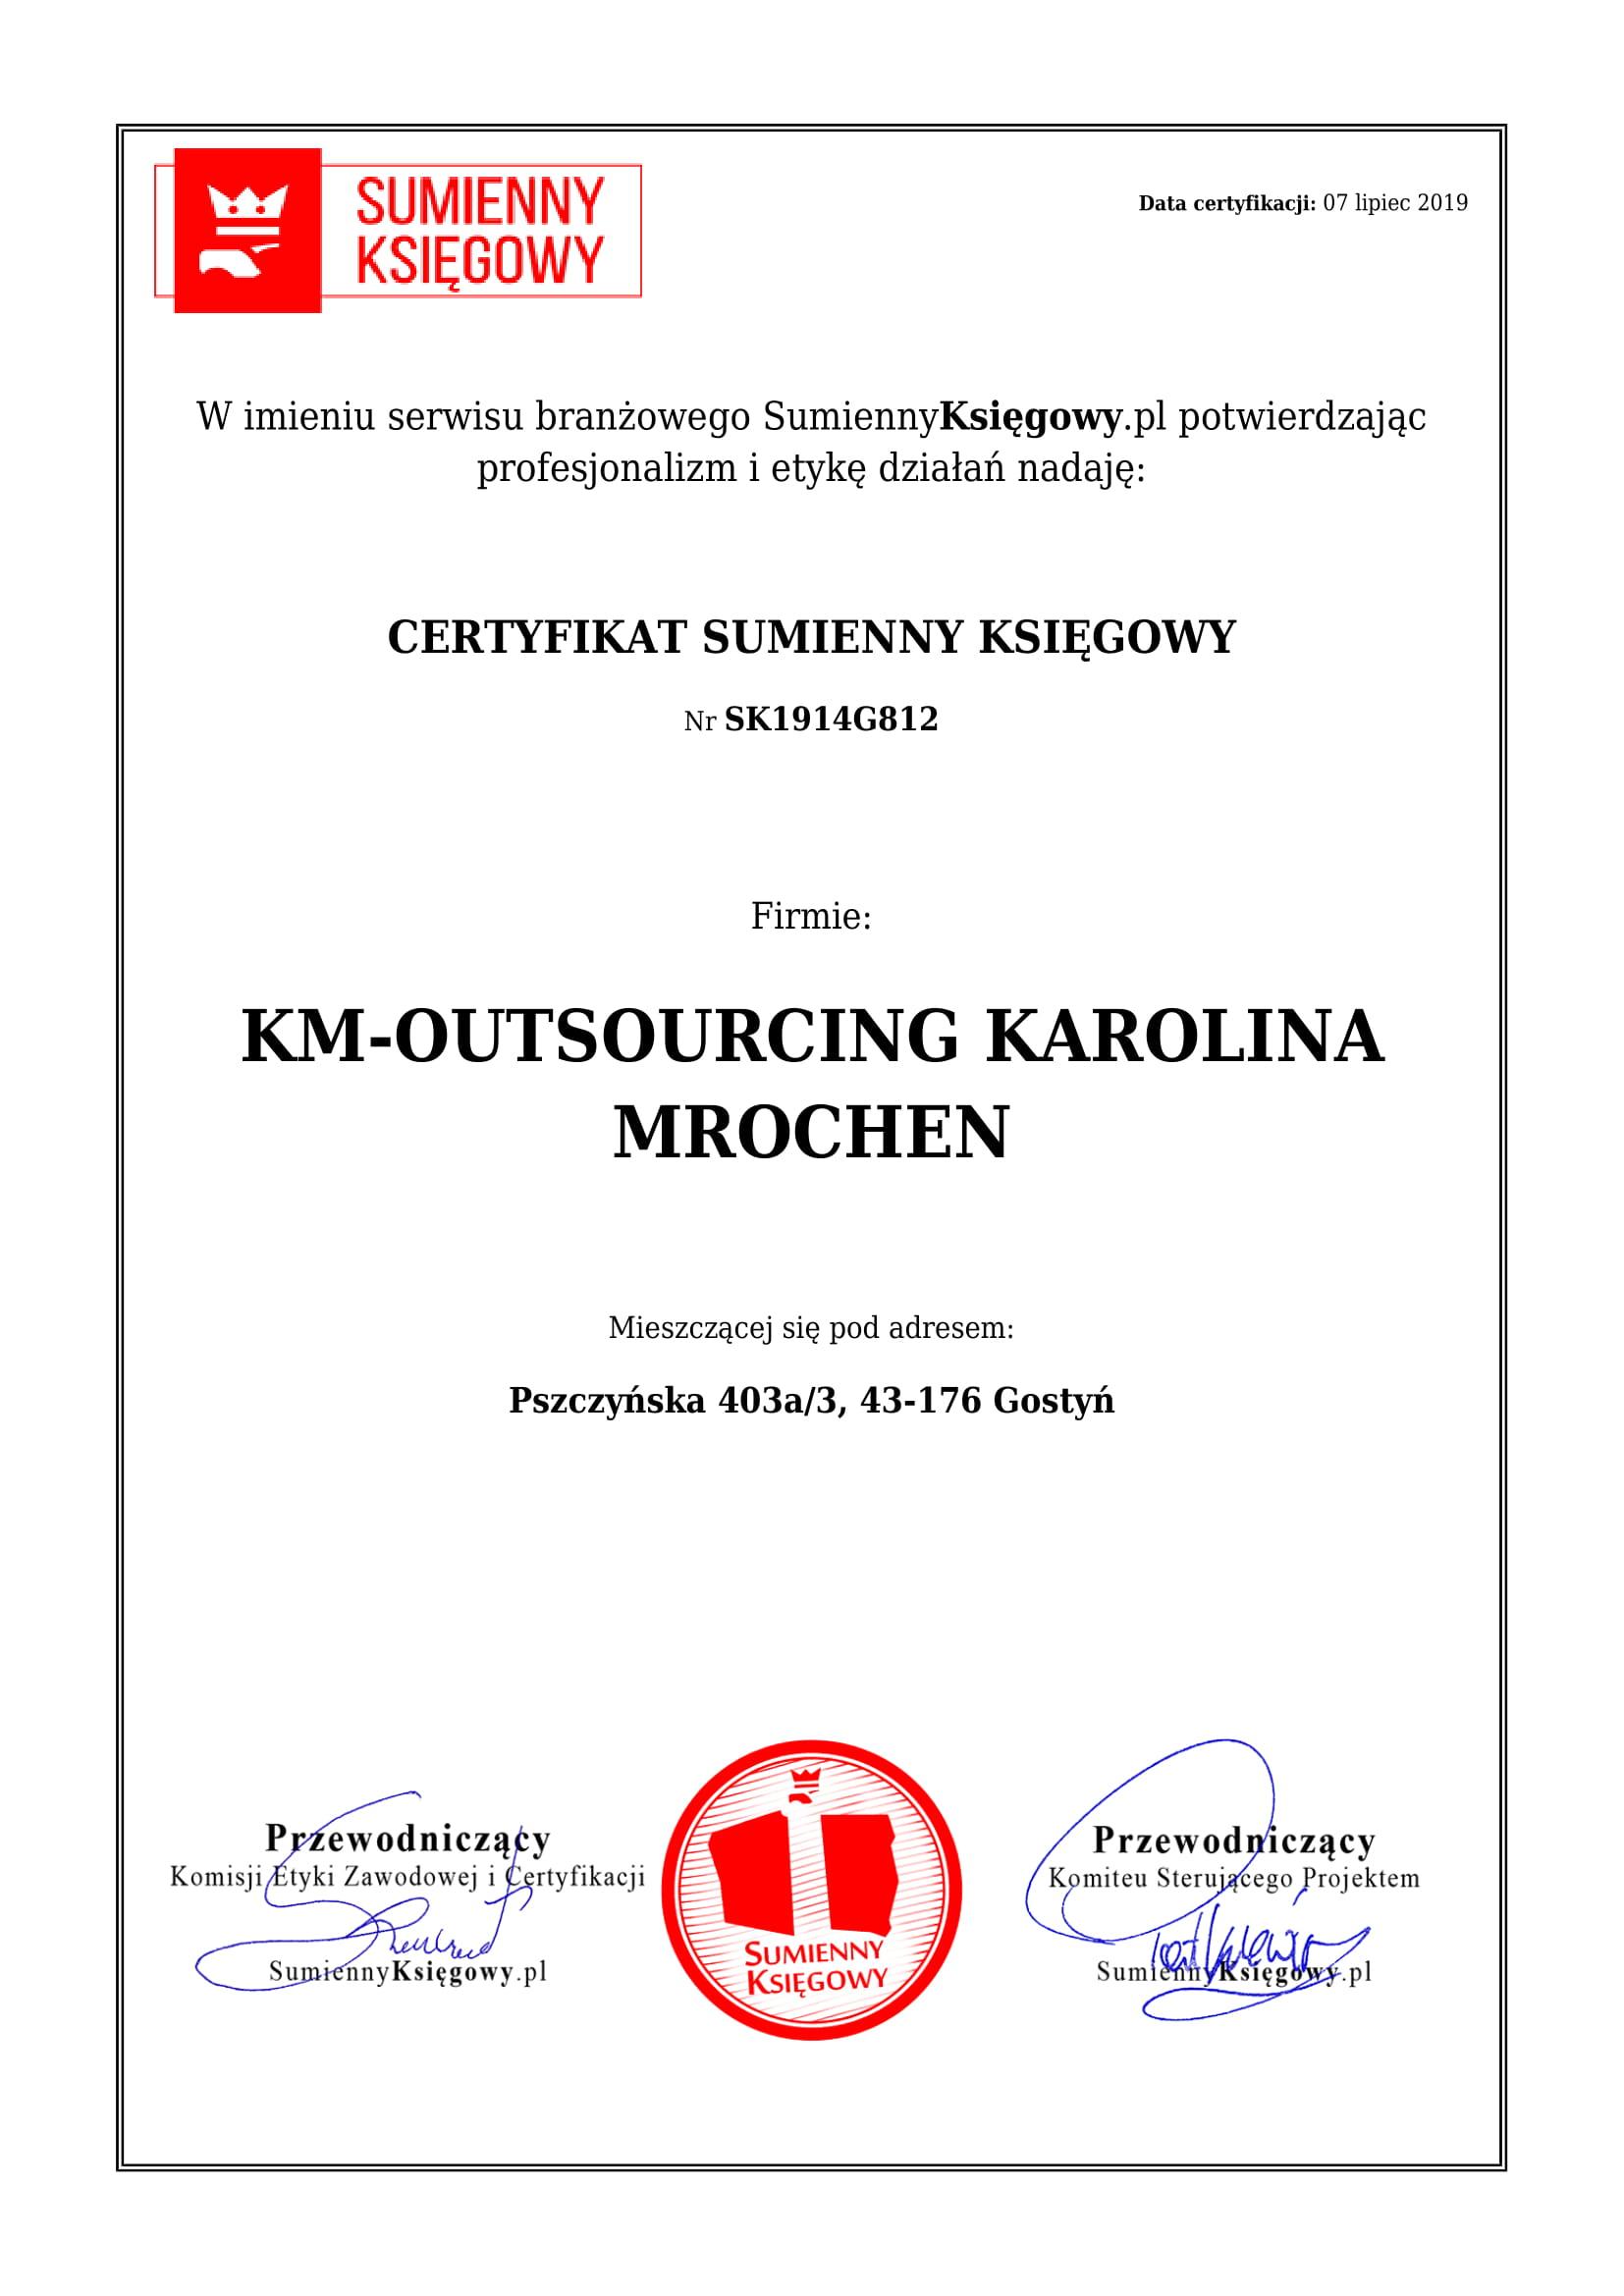 Certyfikat KM-OUTSOURCING KAROLINA MROCHEN